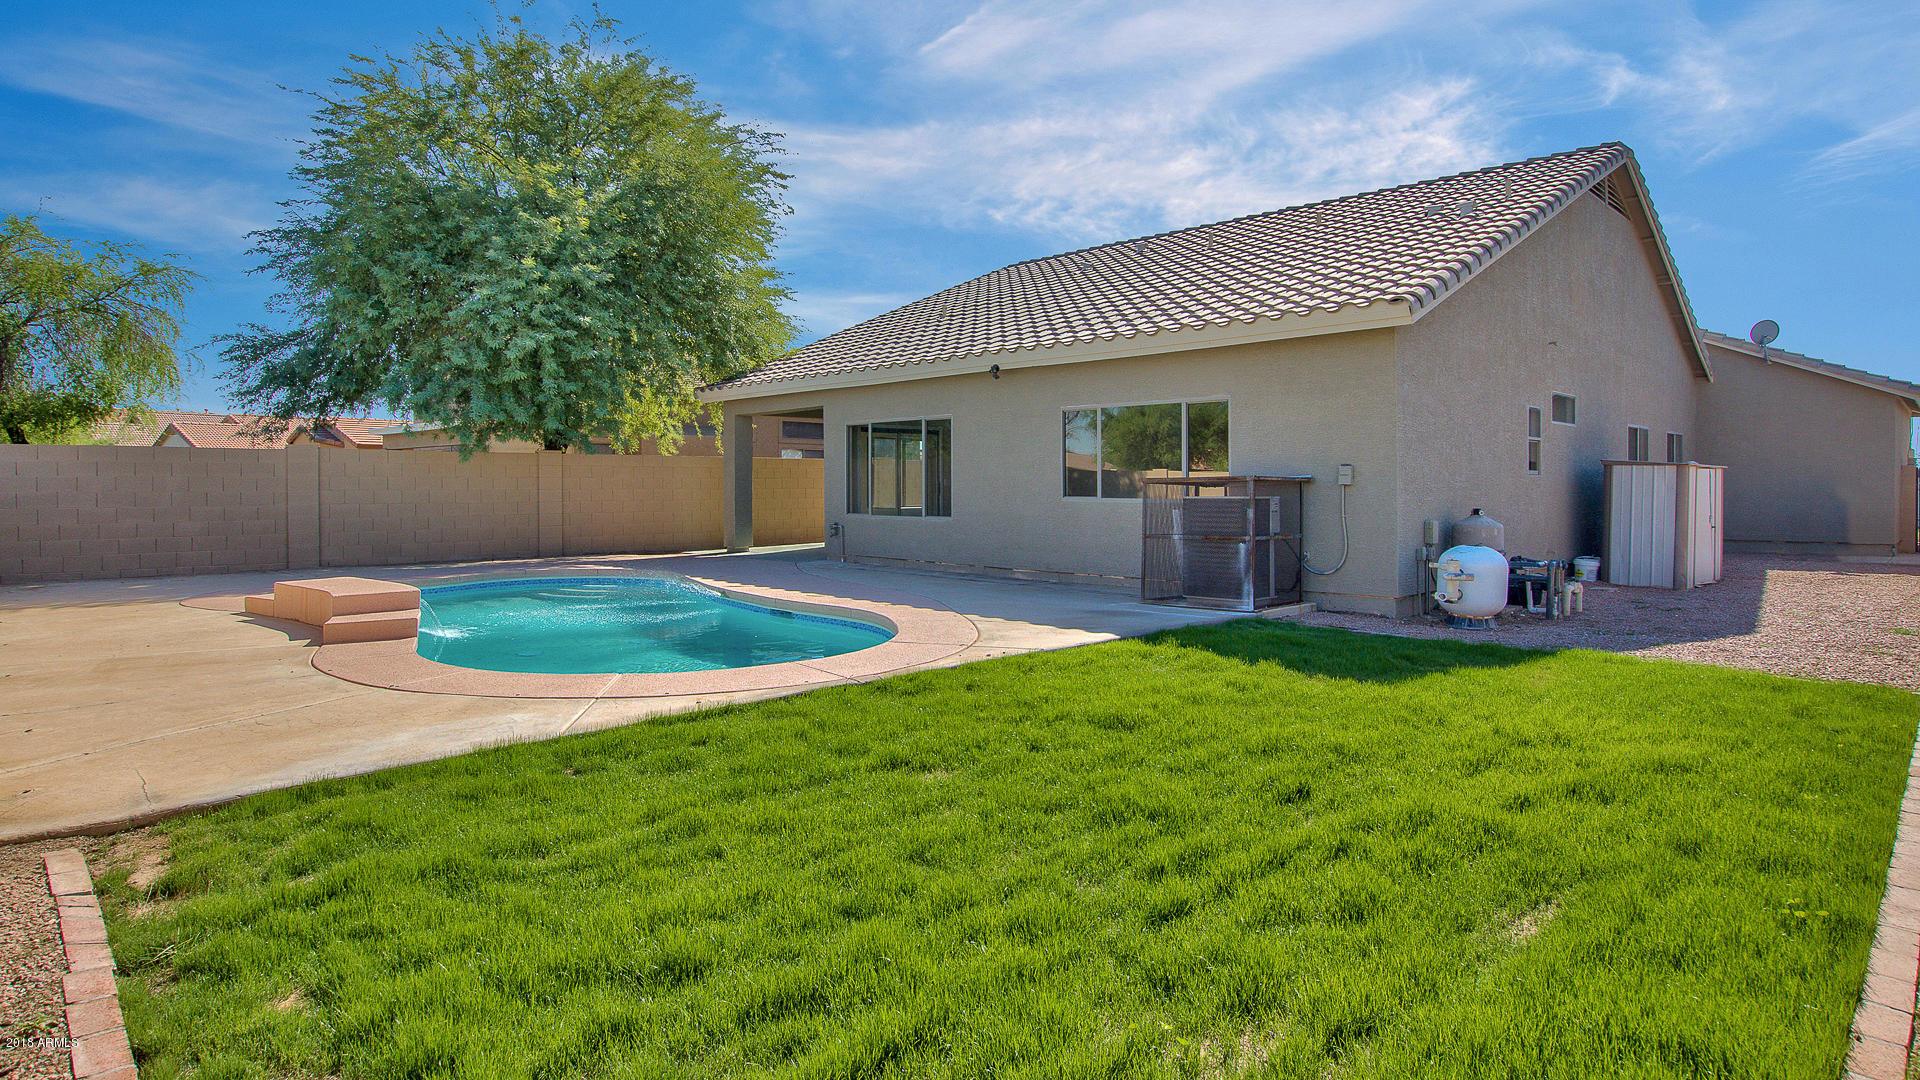 MLS 5838875 11800 W VIRGINIA Avenue, Avondale, AZ 85392 Avondale AZ Mountain View